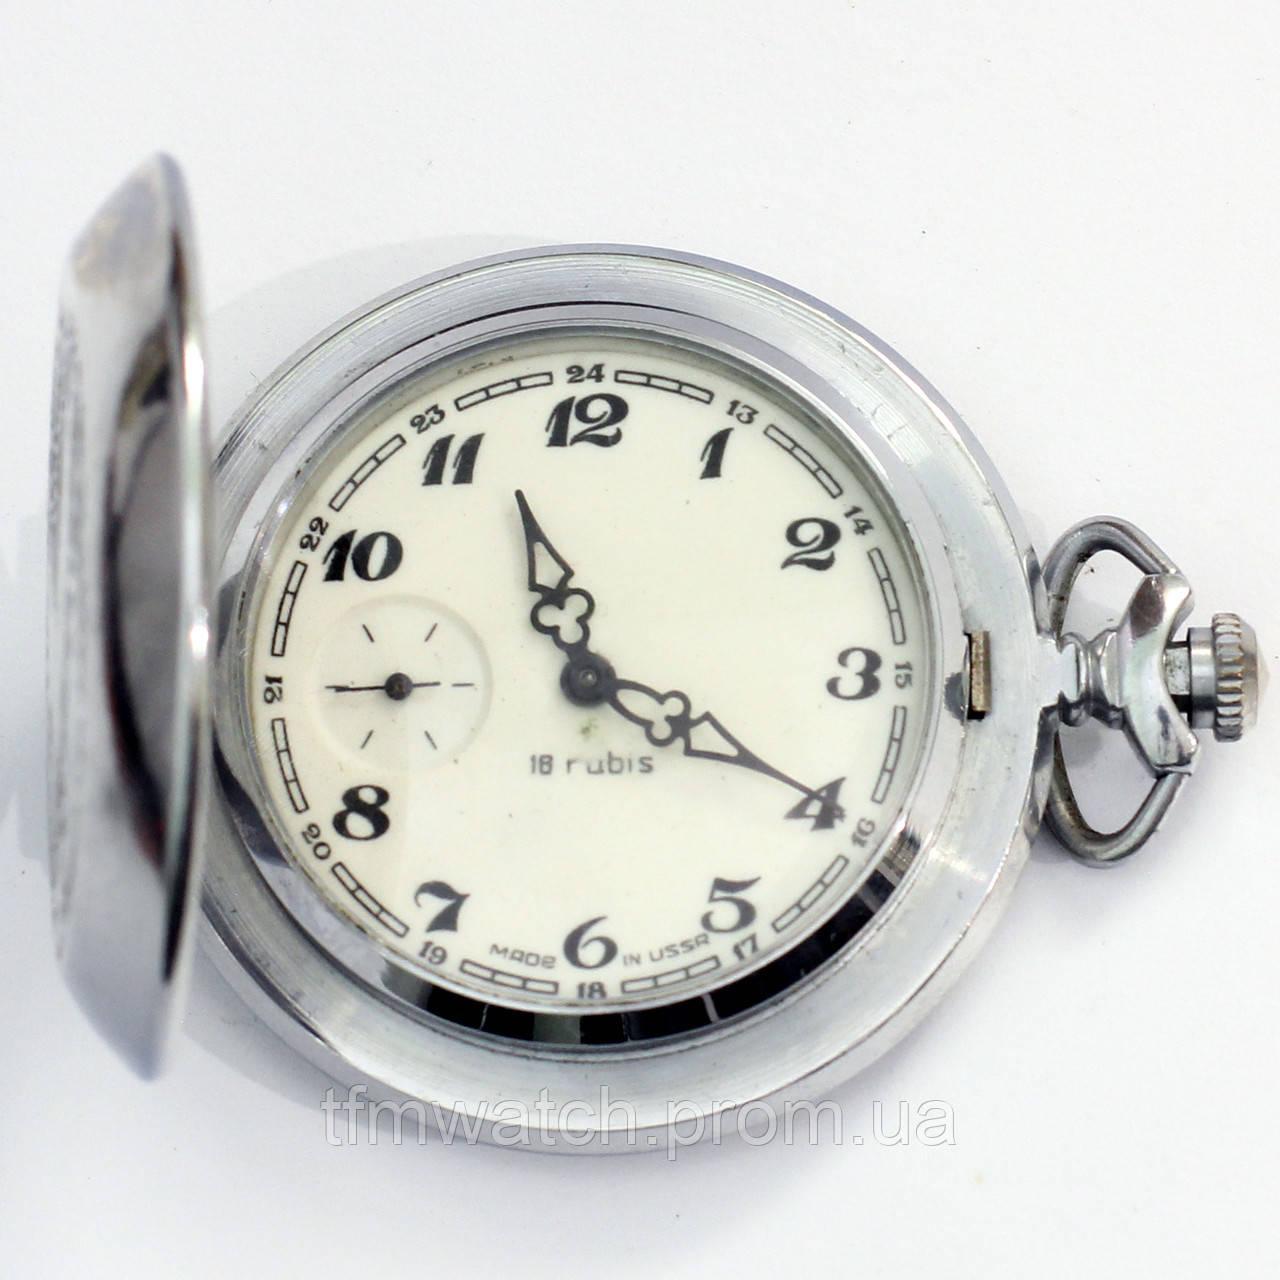 Часы с крышкой Молния. Карманные часы СССР